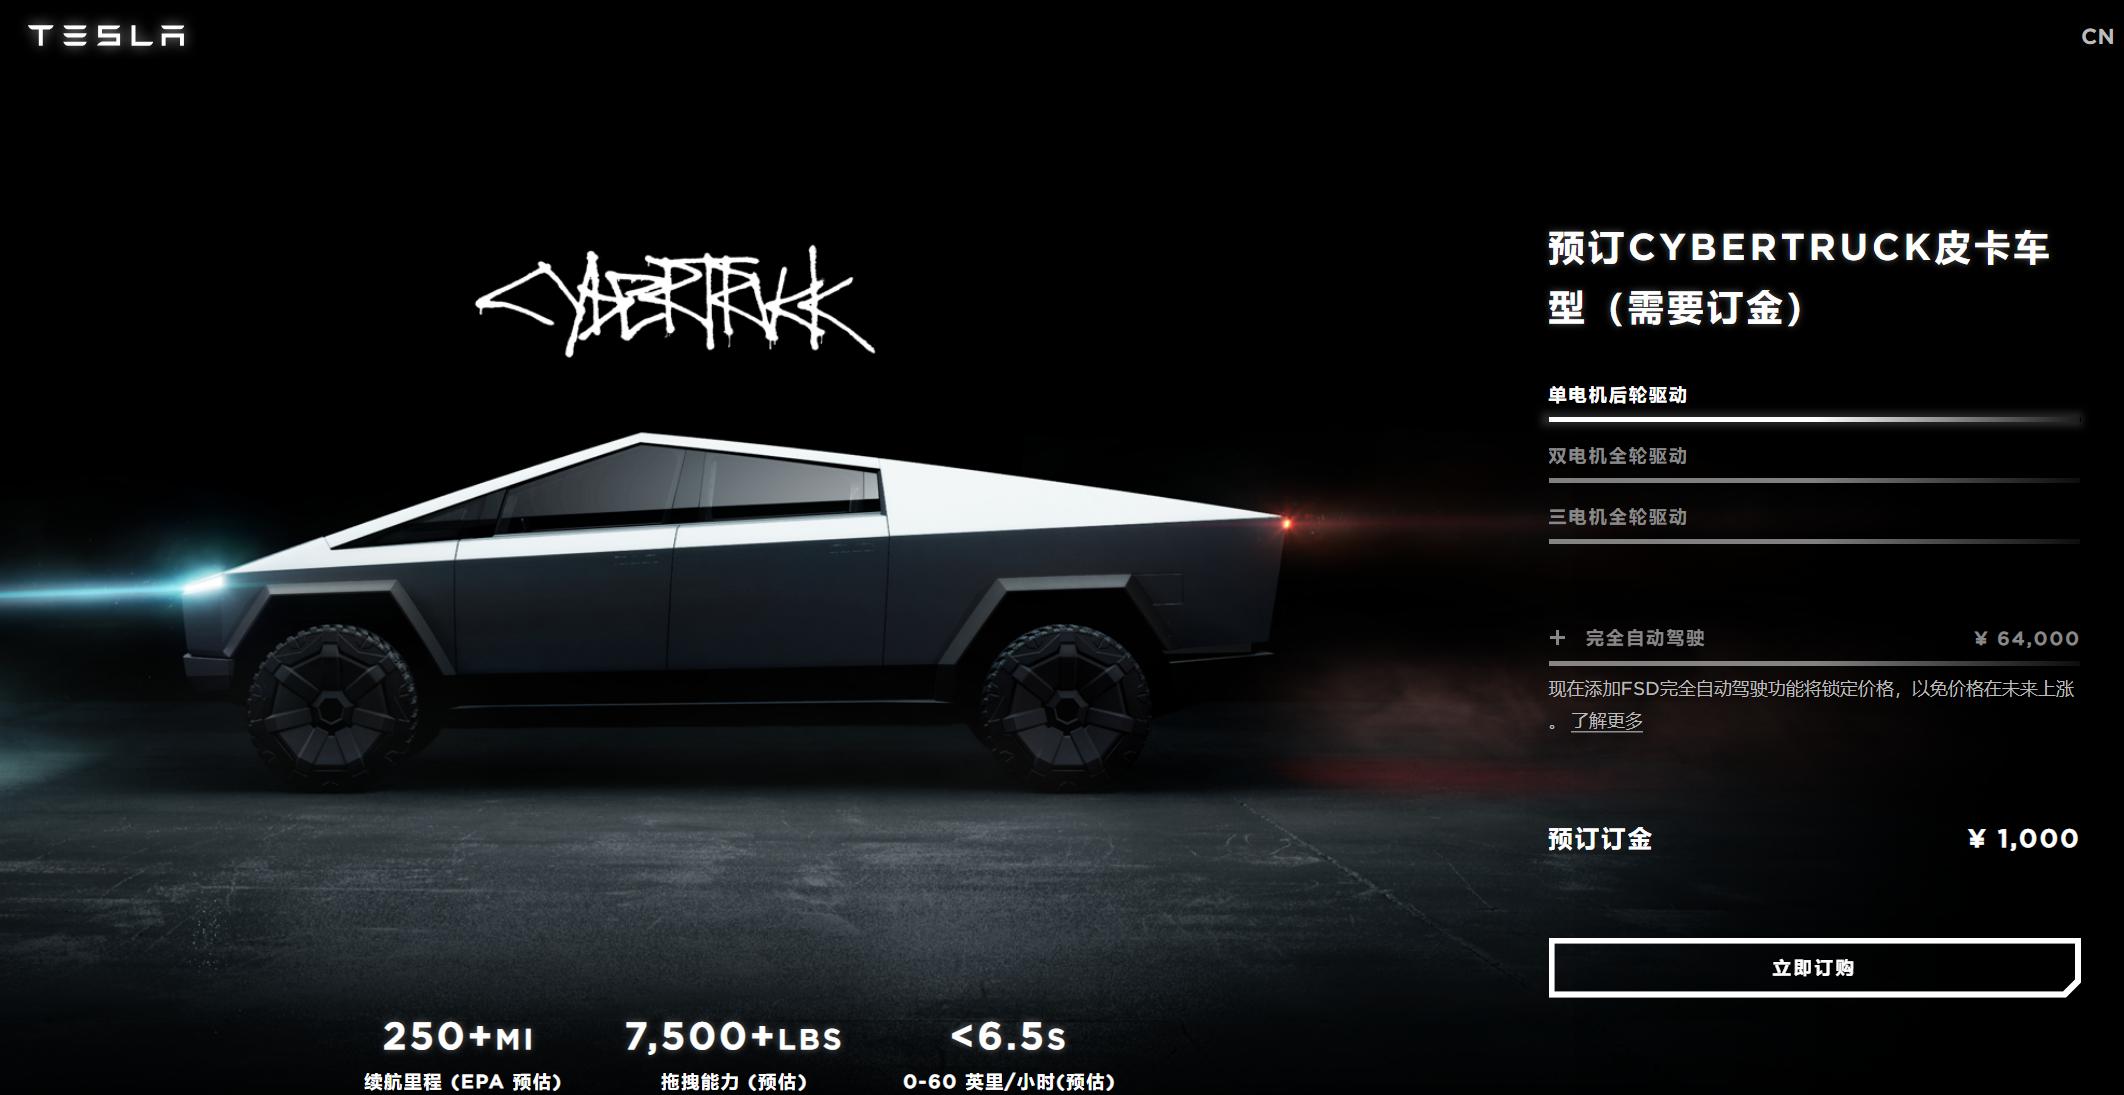 特斯拉电动皮卡车即将入华 但开不进北京五环内?